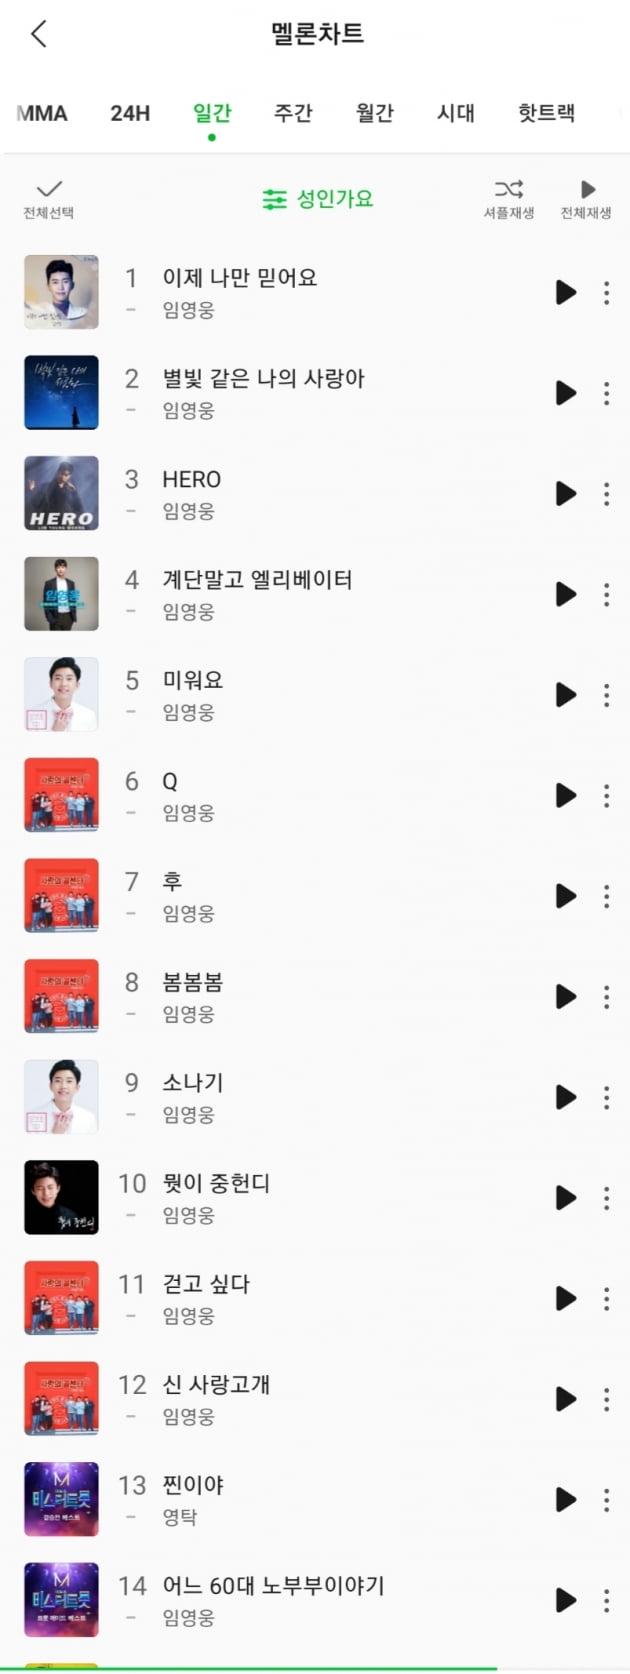 '승승장구' 임영웅, 멜론 성인가요 일간·주간·월간 차트 톱10 싹쓸이